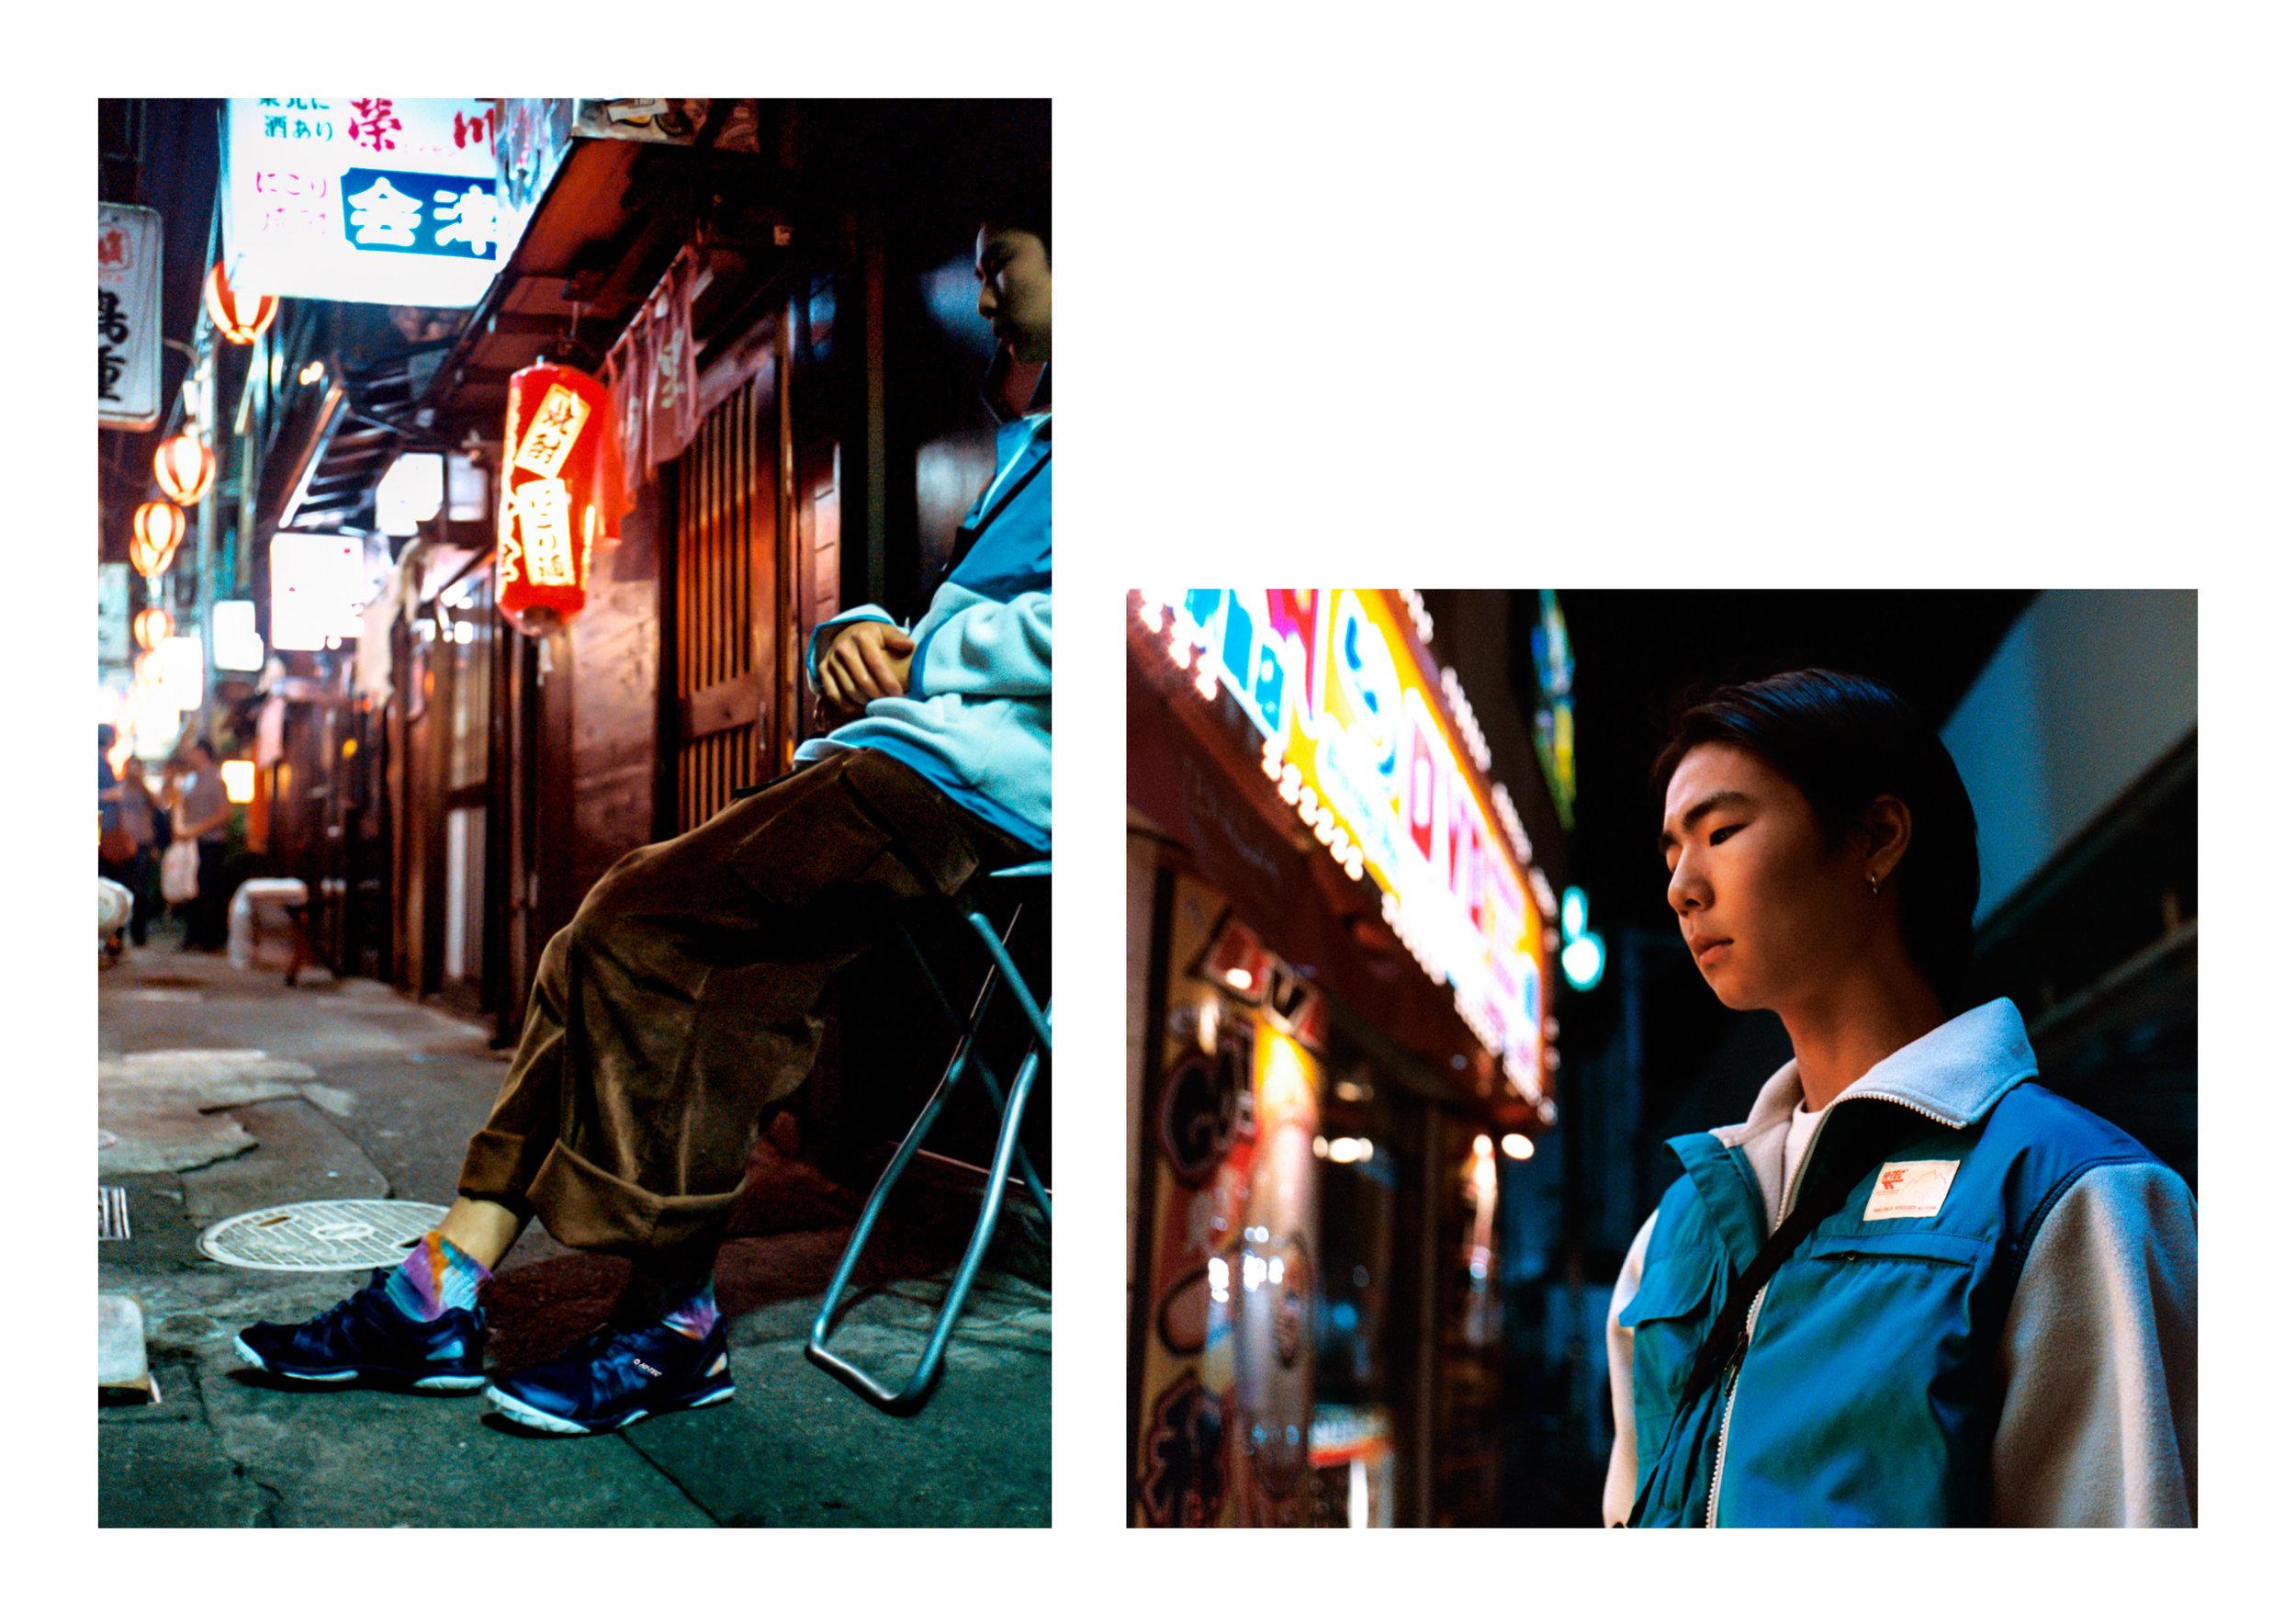 Jacket & Top - Hi Tec HTS74, Pants - E.Tautz, Footwear - Hi Tec Japan,